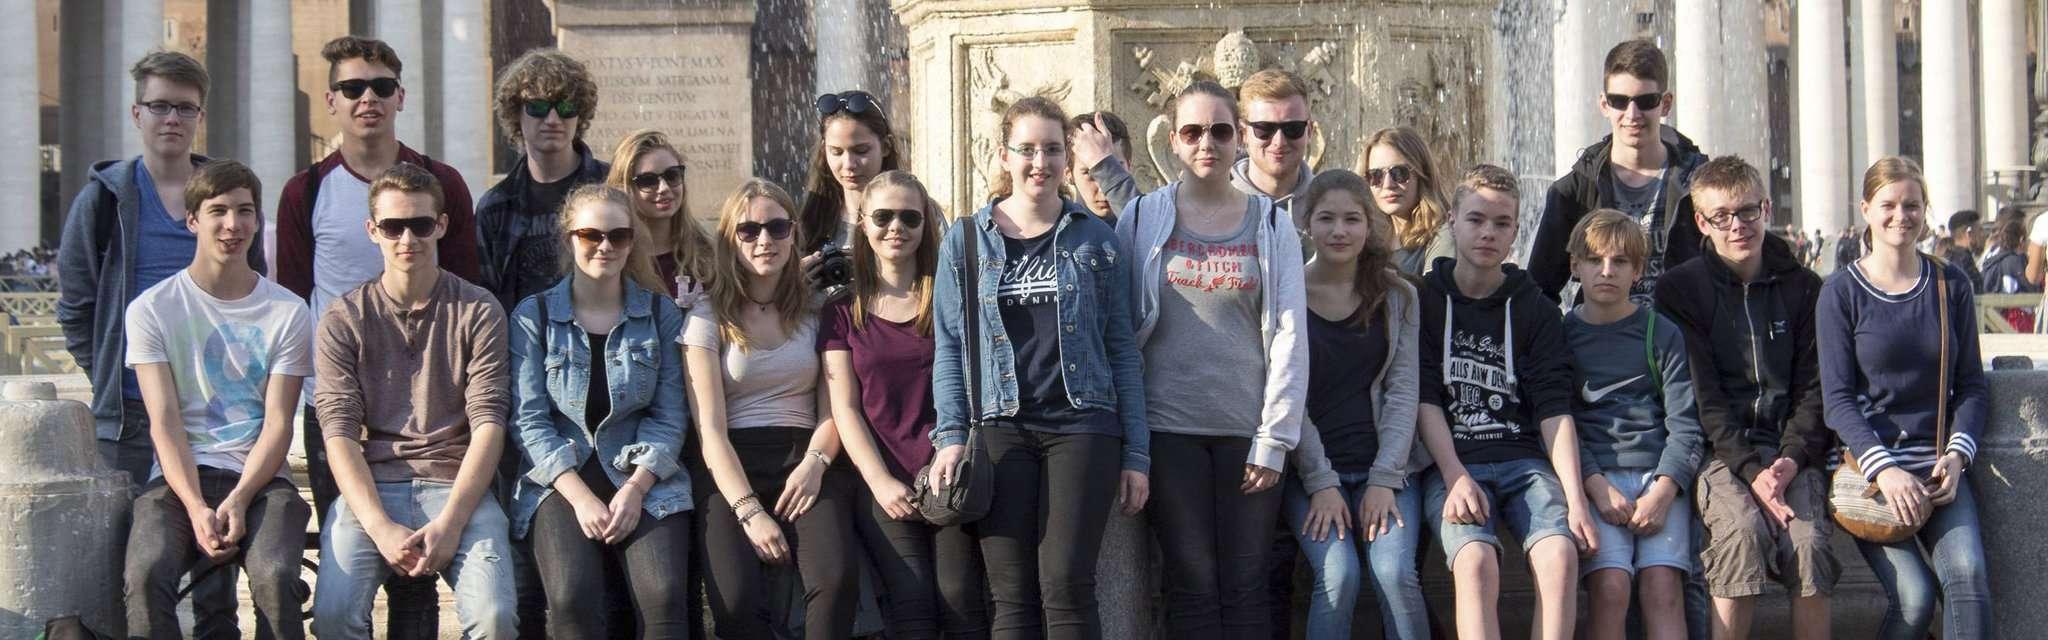 Lateinschüler aus Sottrum und Ottersberg wissen nun, wie sich die alte Sprache und Reisen vereinbaren lassen: mit einer Woche Rom.